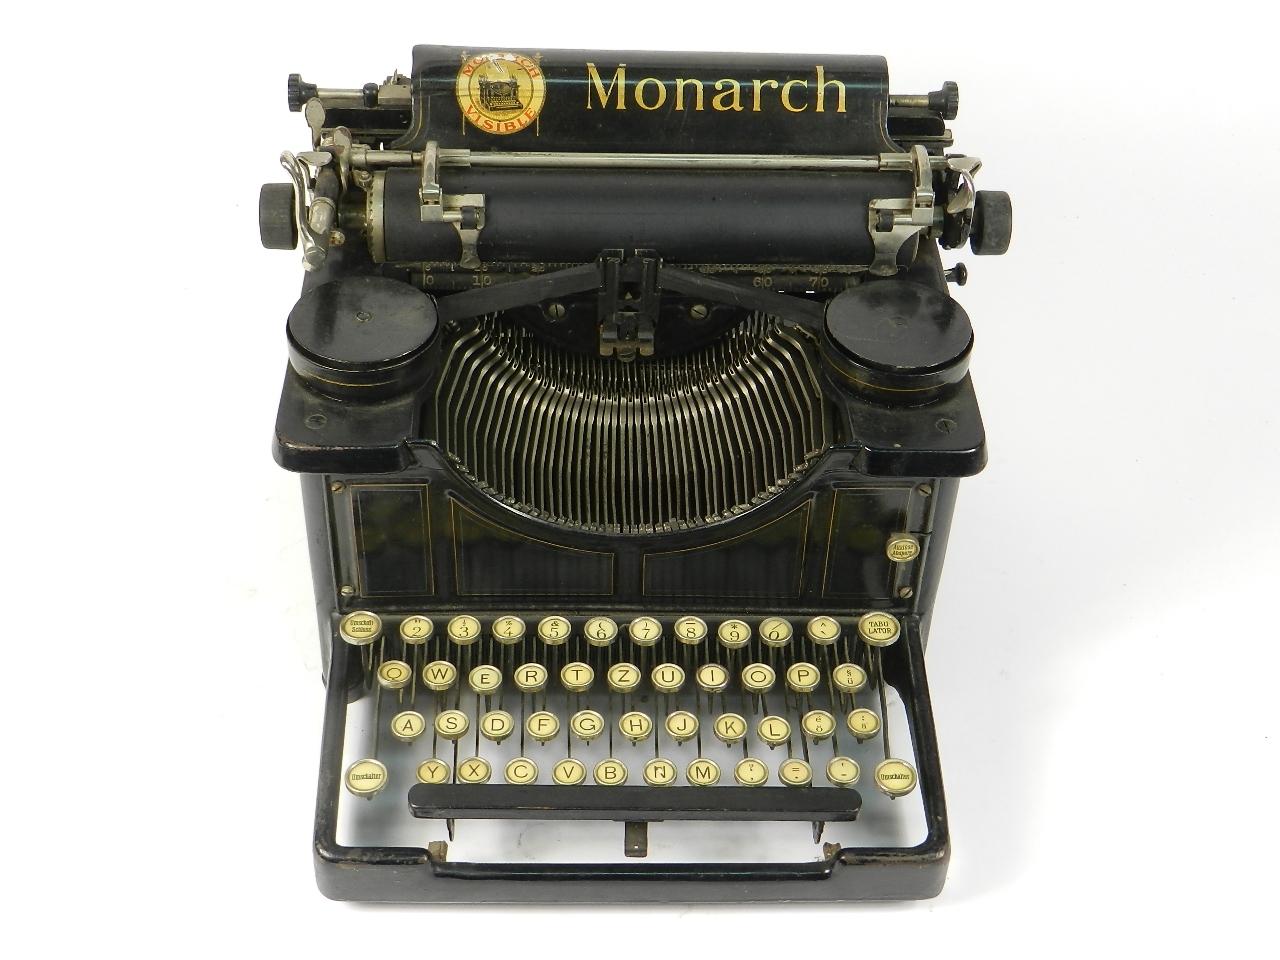 Imagen MONARCH VISIBLE Nº3 AÑO 1915 31257